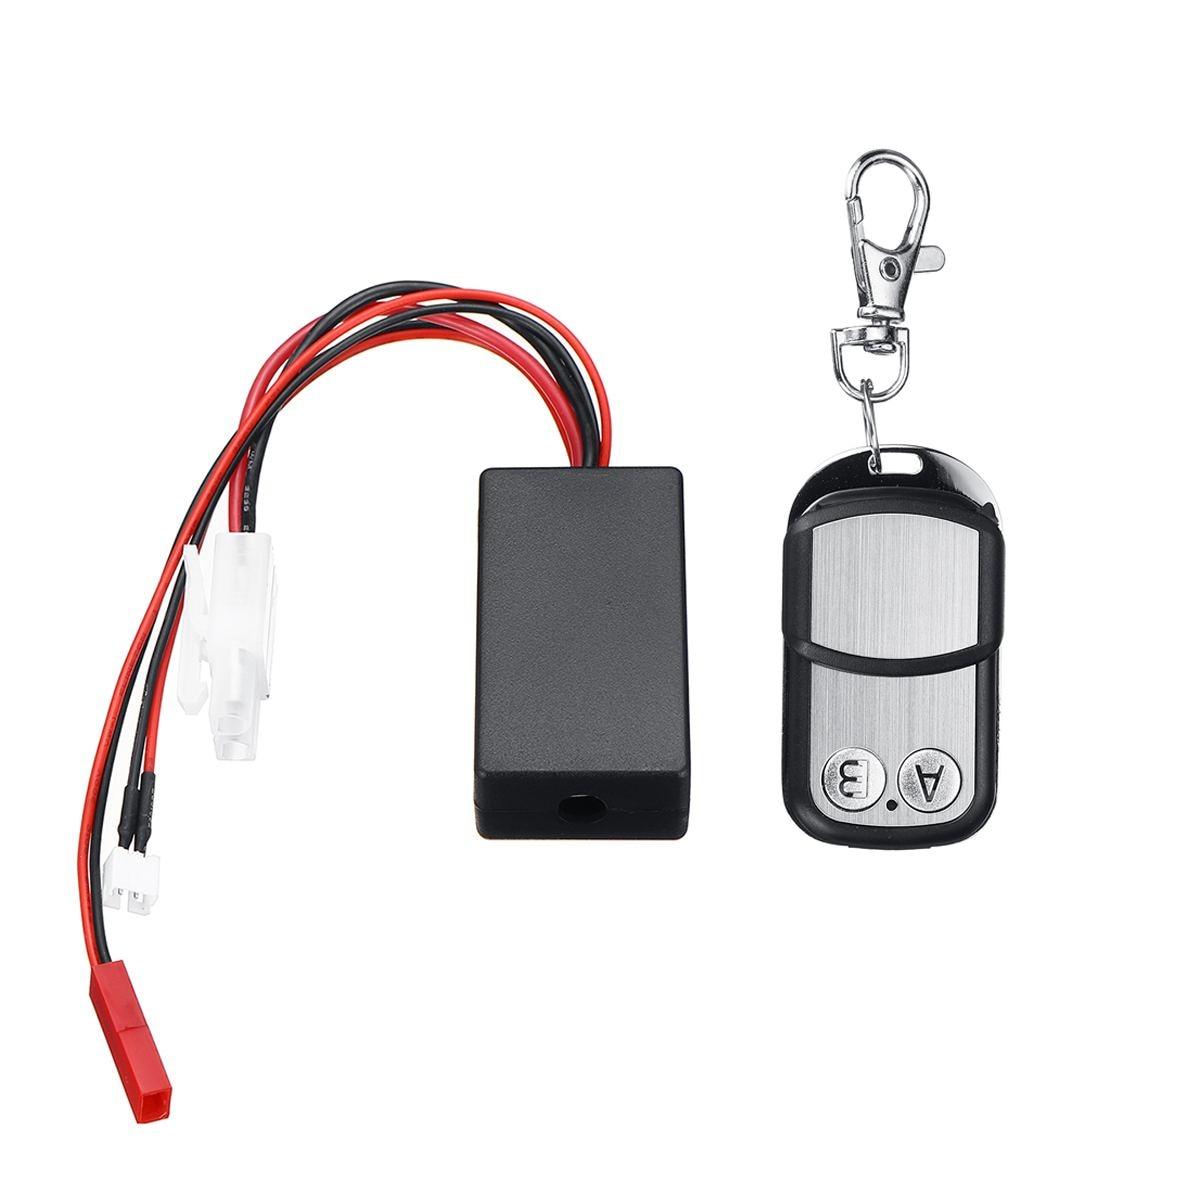 Металлическая радиоуправляемая автомобильная лебедка с дистанционным управлением, приемник для 1/10 радиоуправляемого гусеничного автомобиля RC4WD D90, осевой SCX10, TRX-4